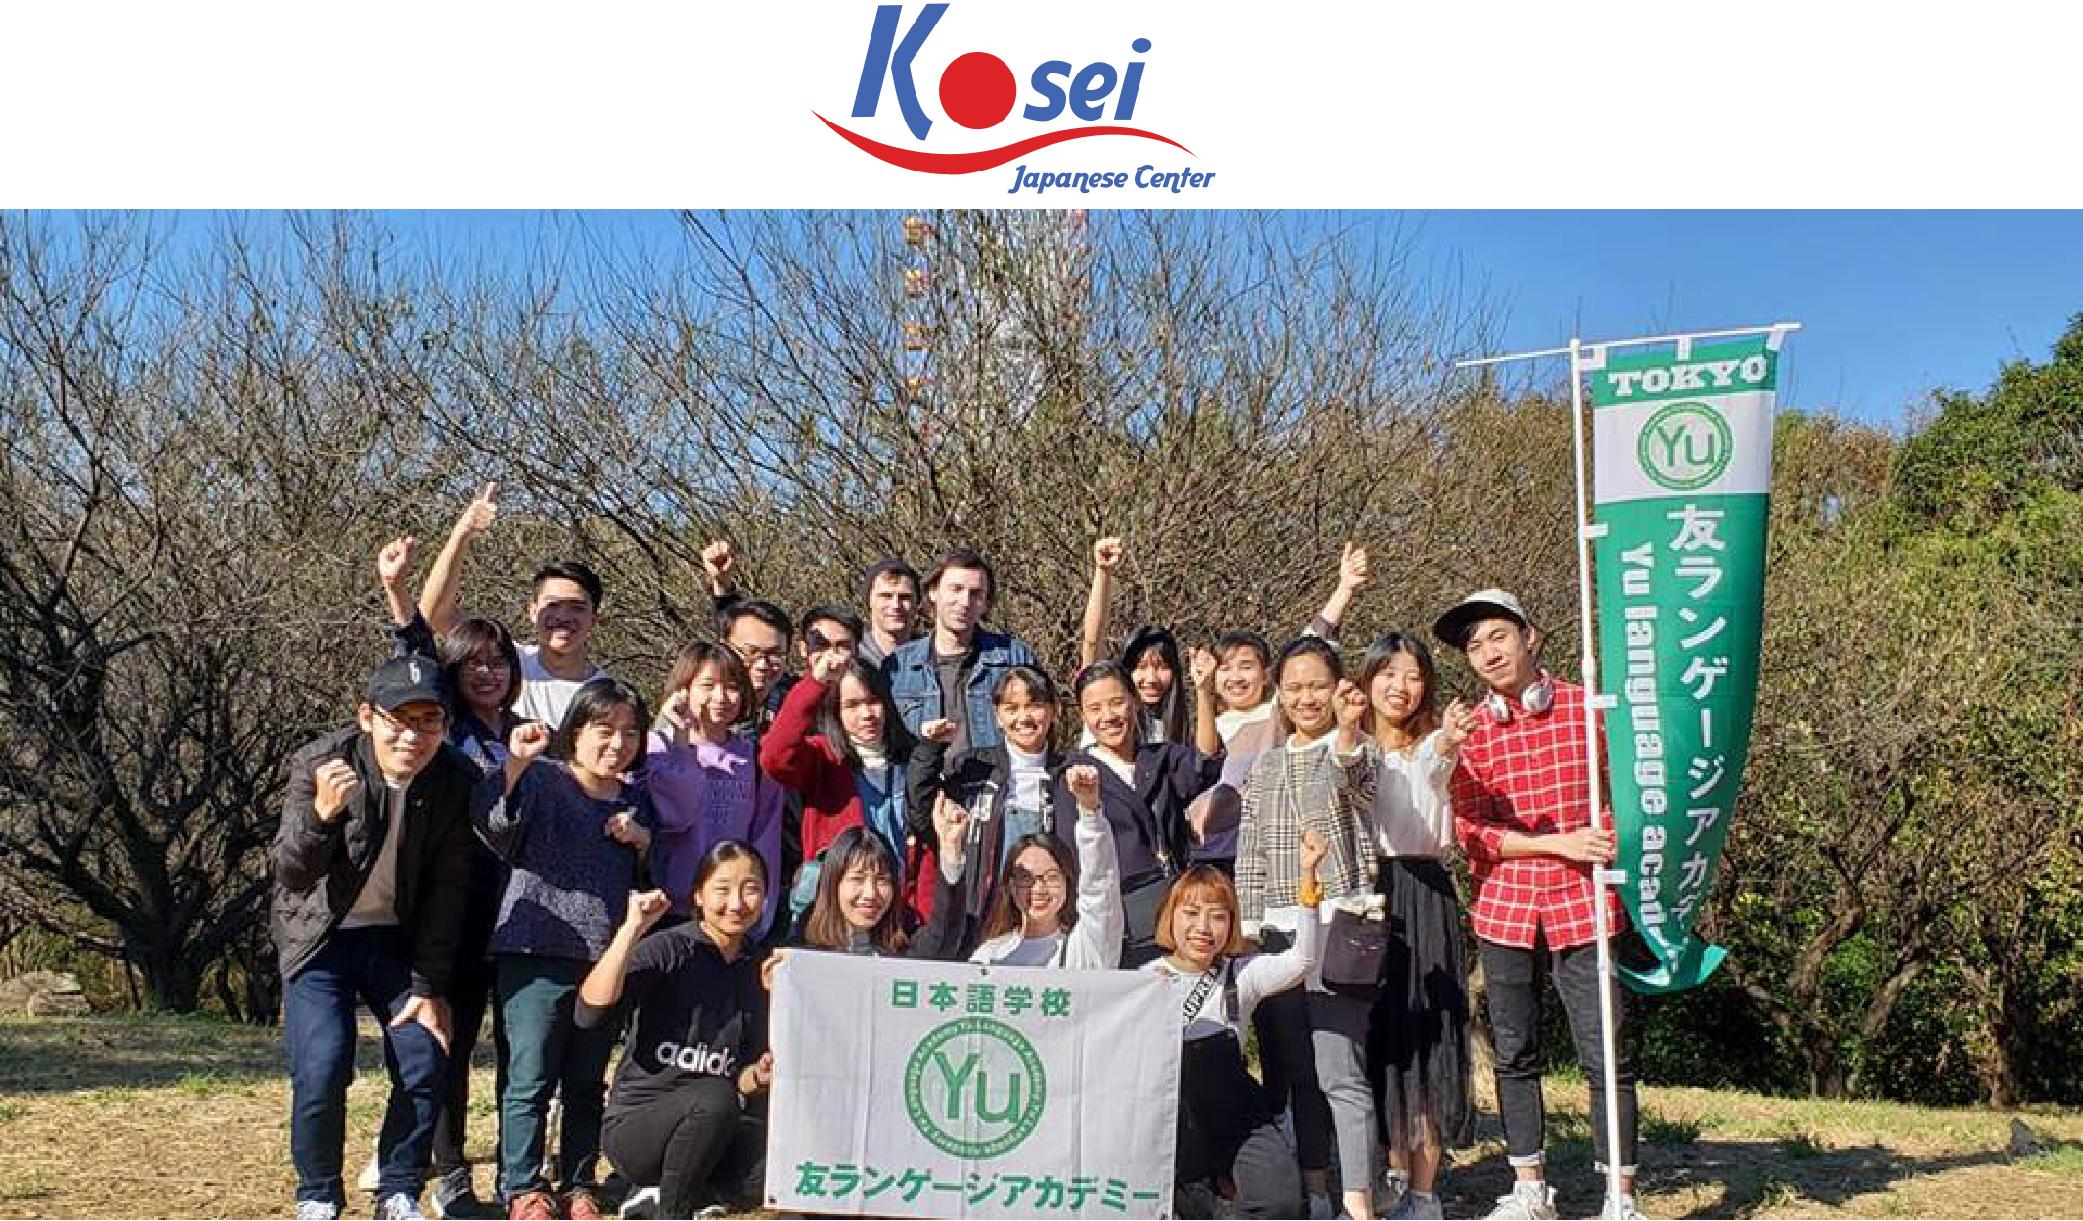 Học Nhật ngữ tốt nhất tại Học viện ngôn ngữ YU ở Nhật Bản